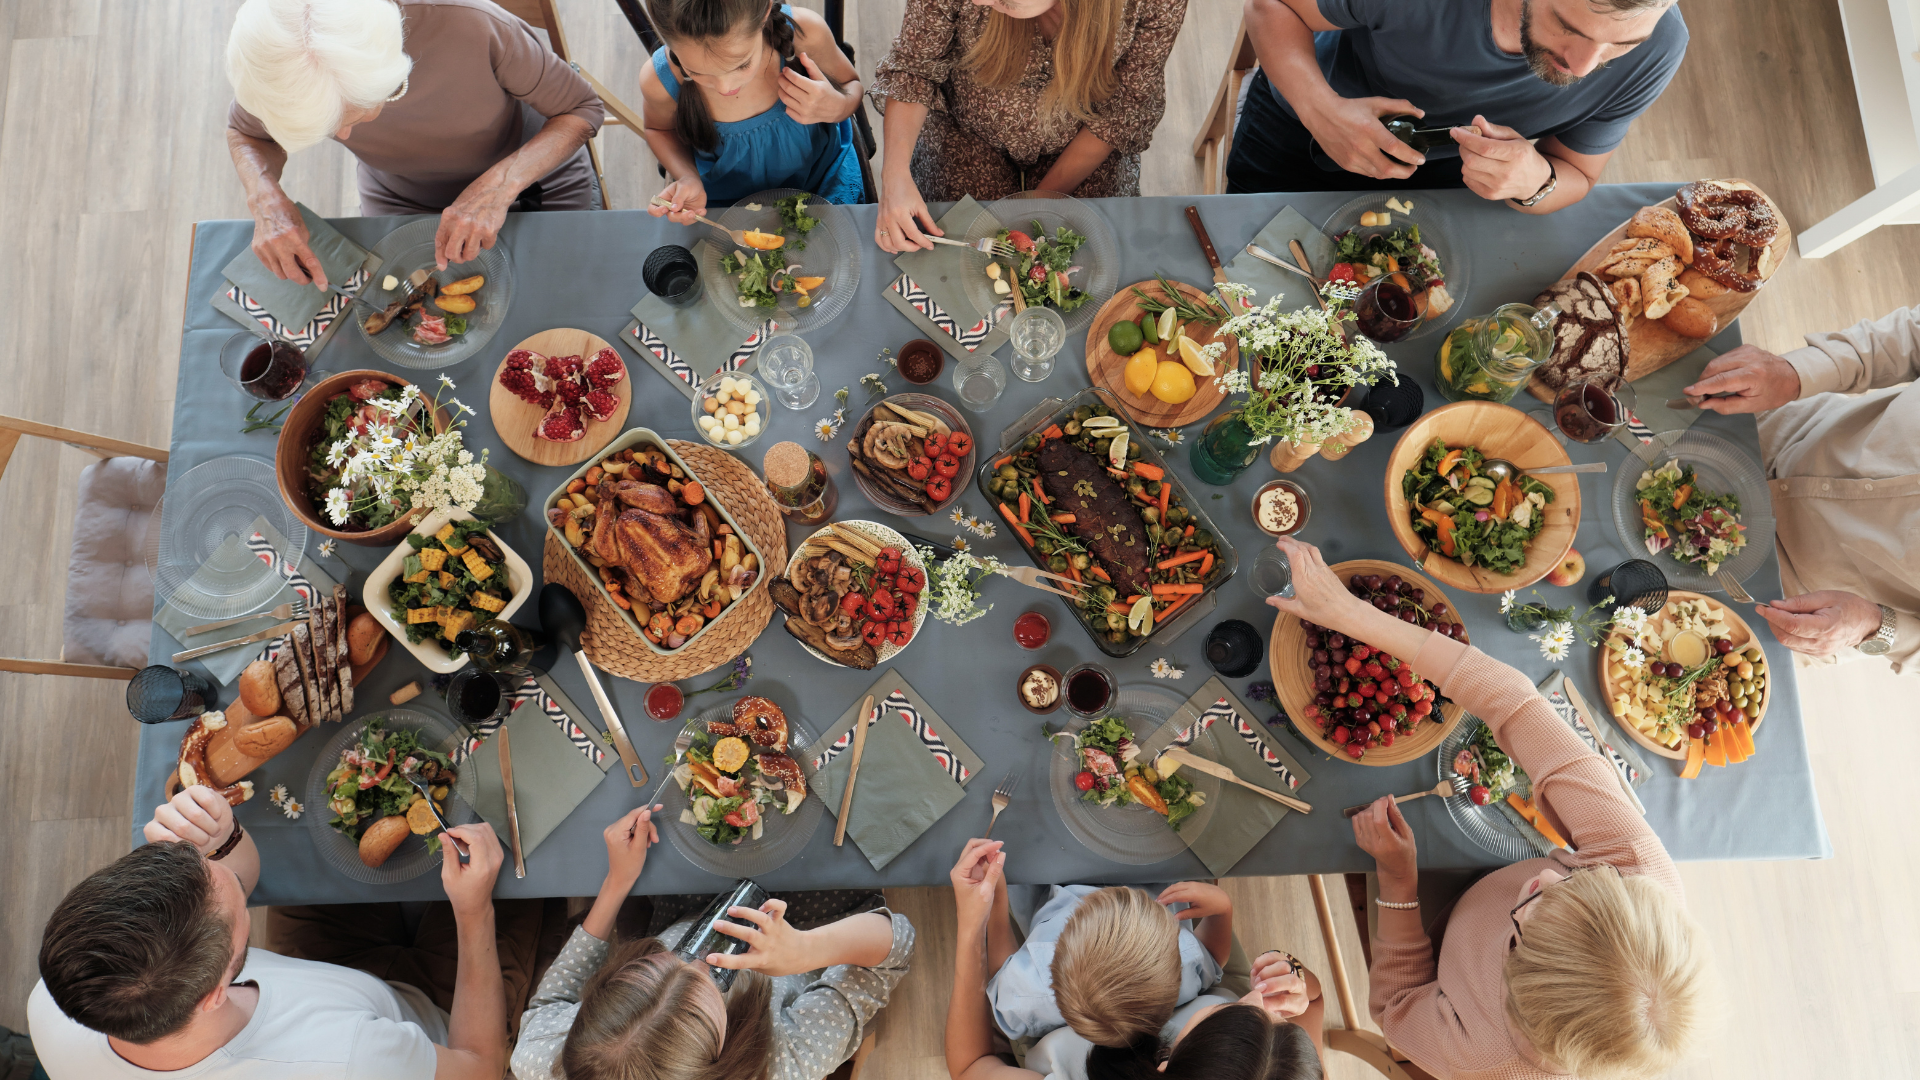 Foto notícia - A mesa de refeições